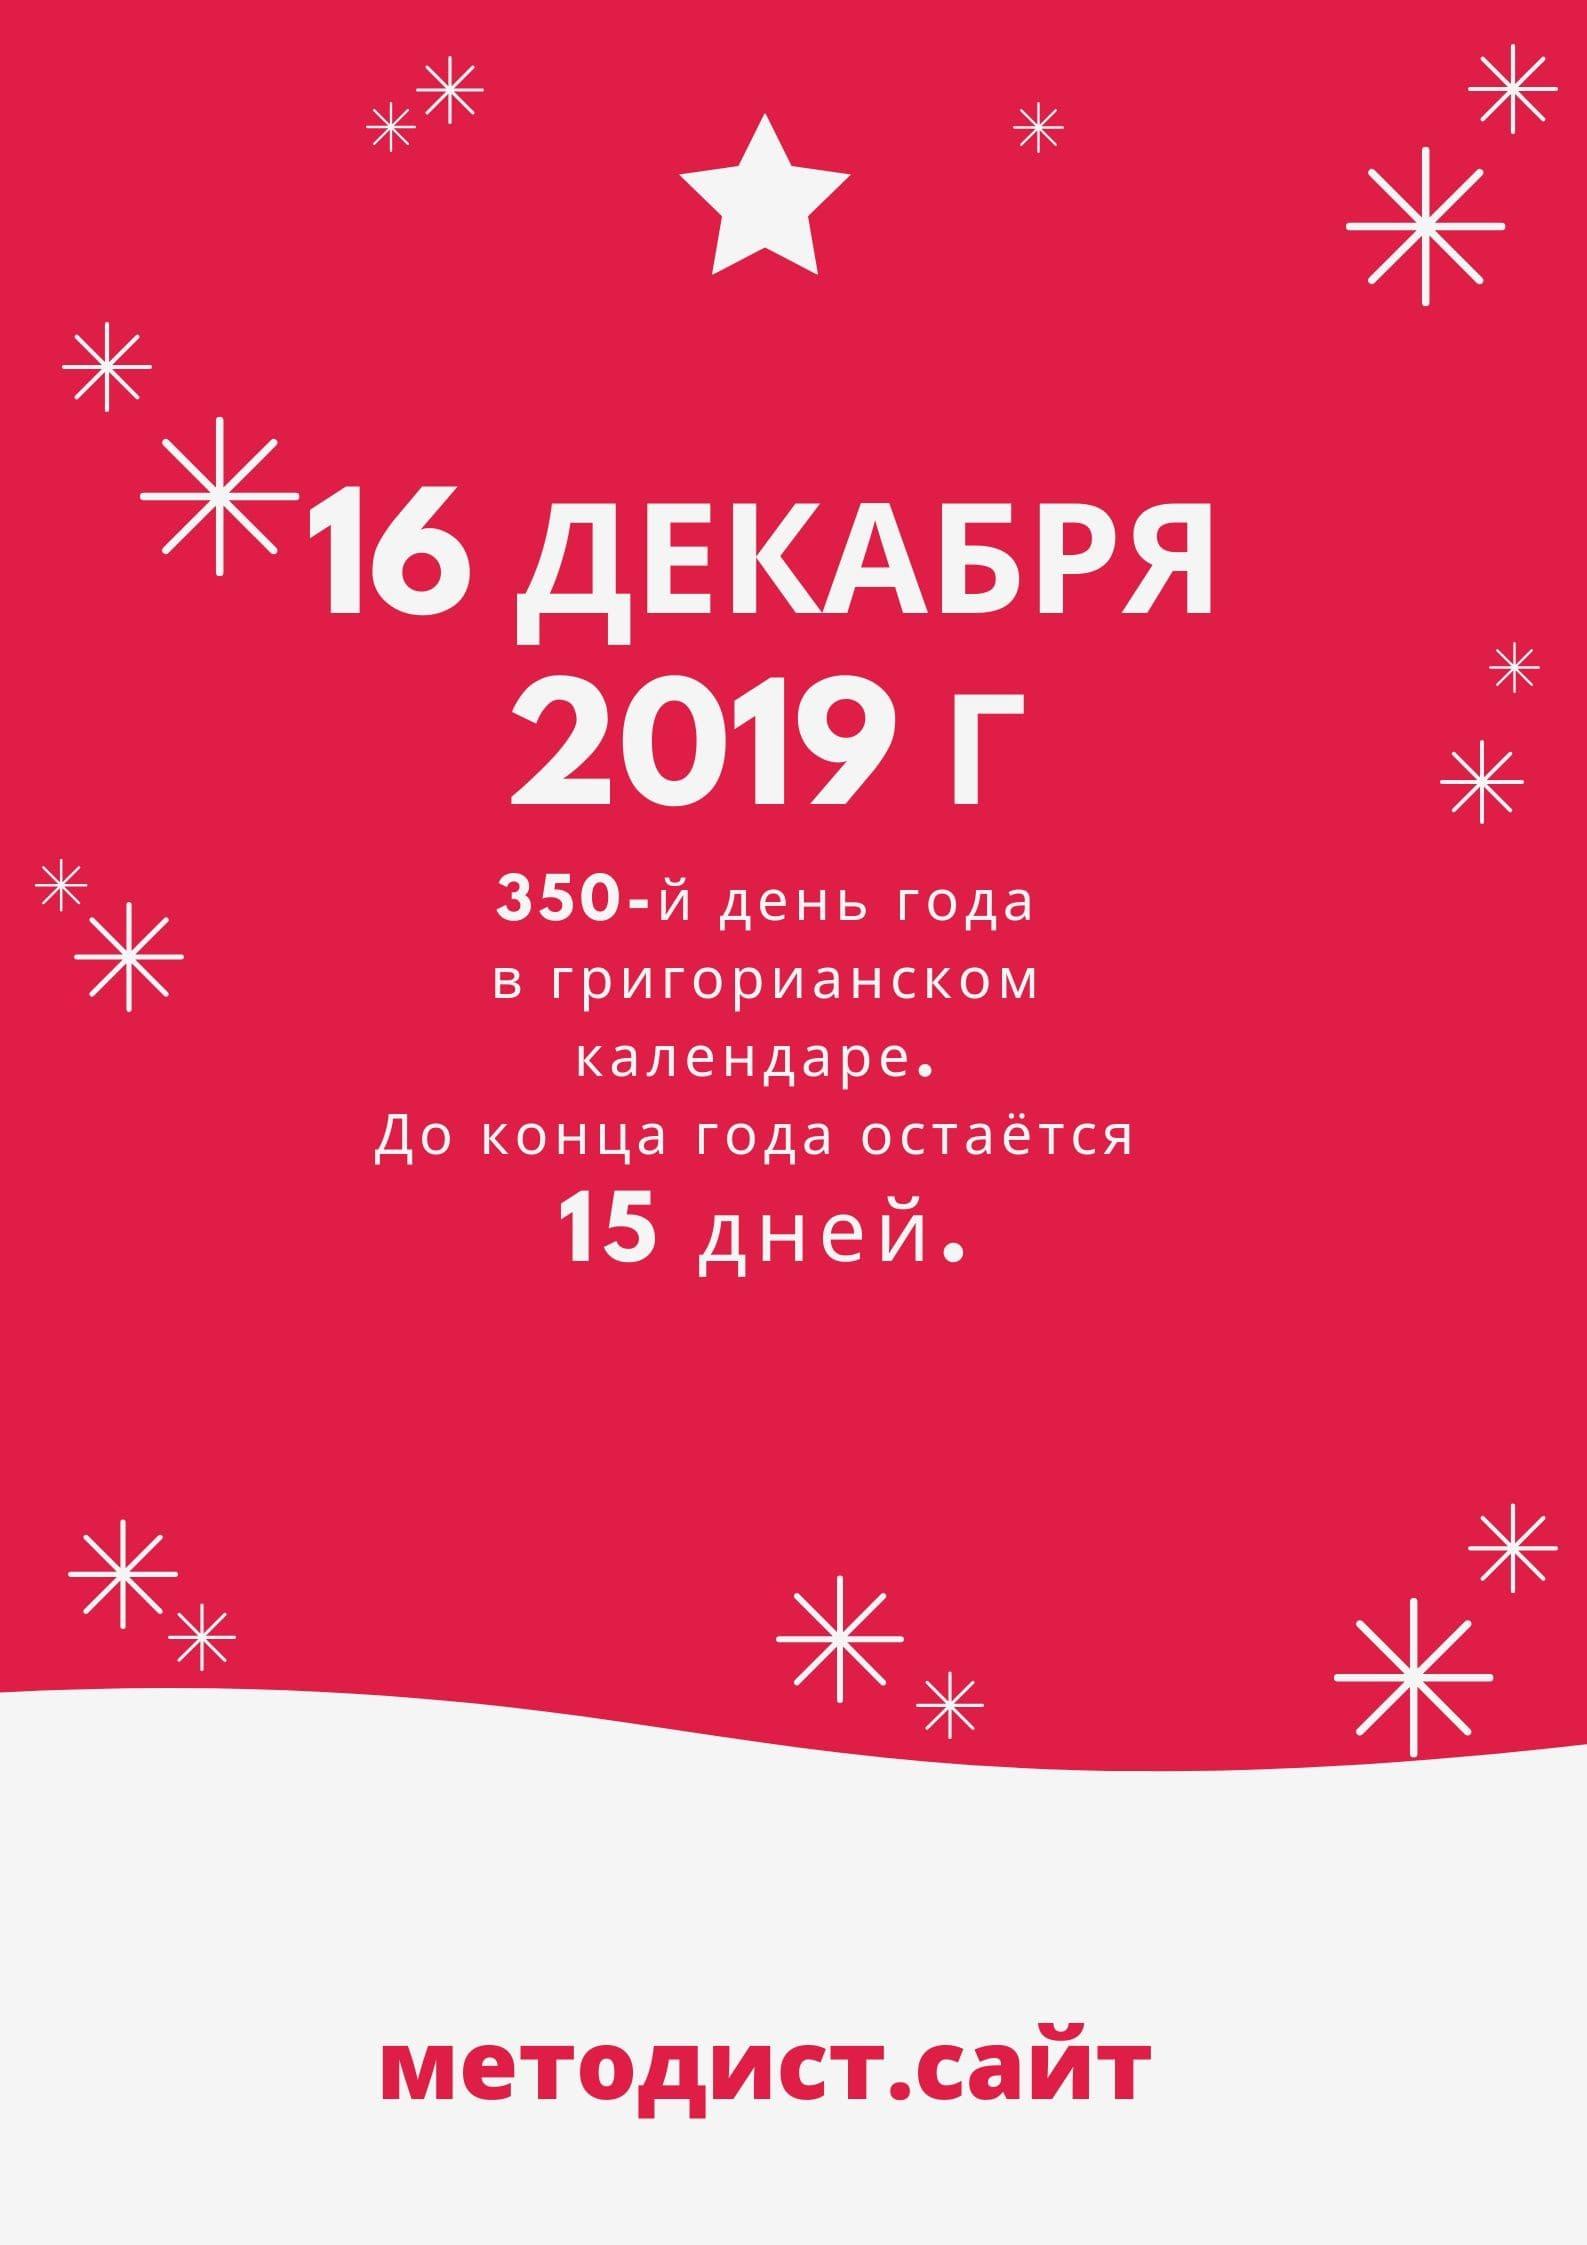 16 декабря 2019 г